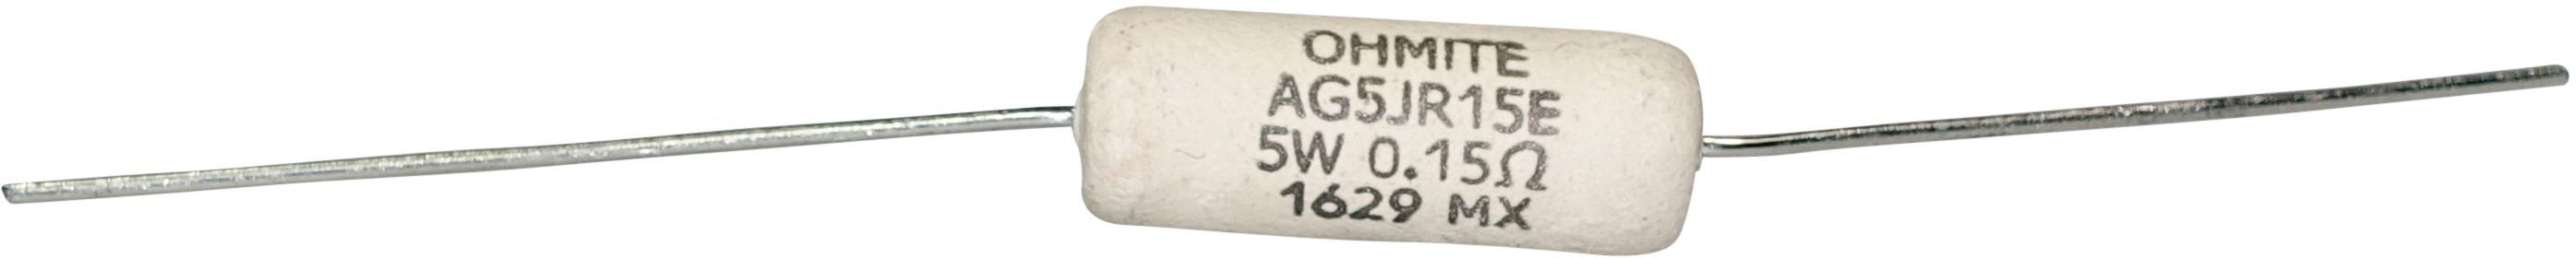 Ohmite Audio Gold 5W - 5,6k